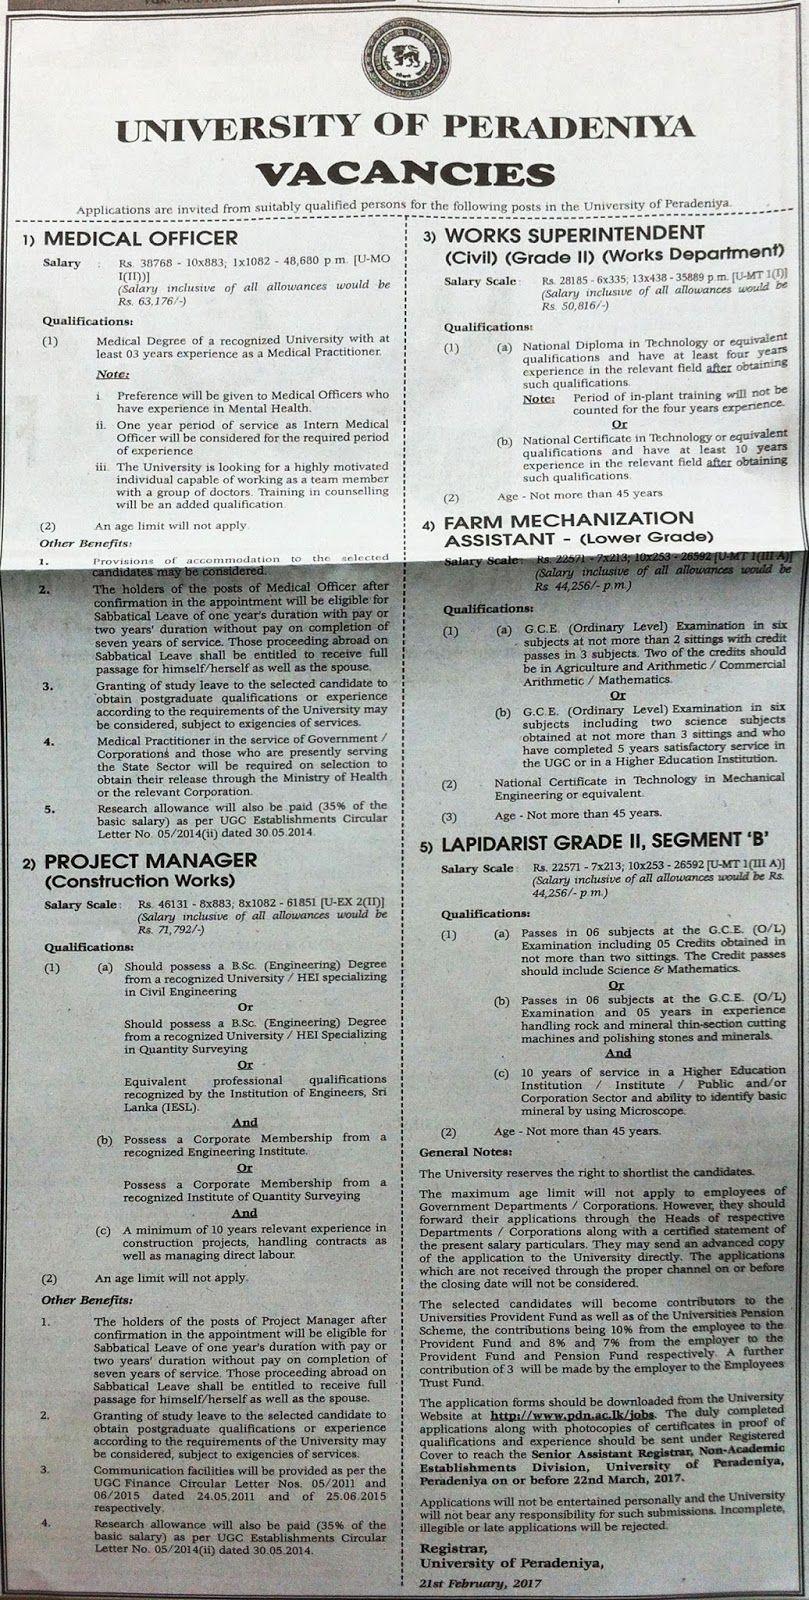 Sri Lankan Government Job Vacancies At University Of Peradeniya